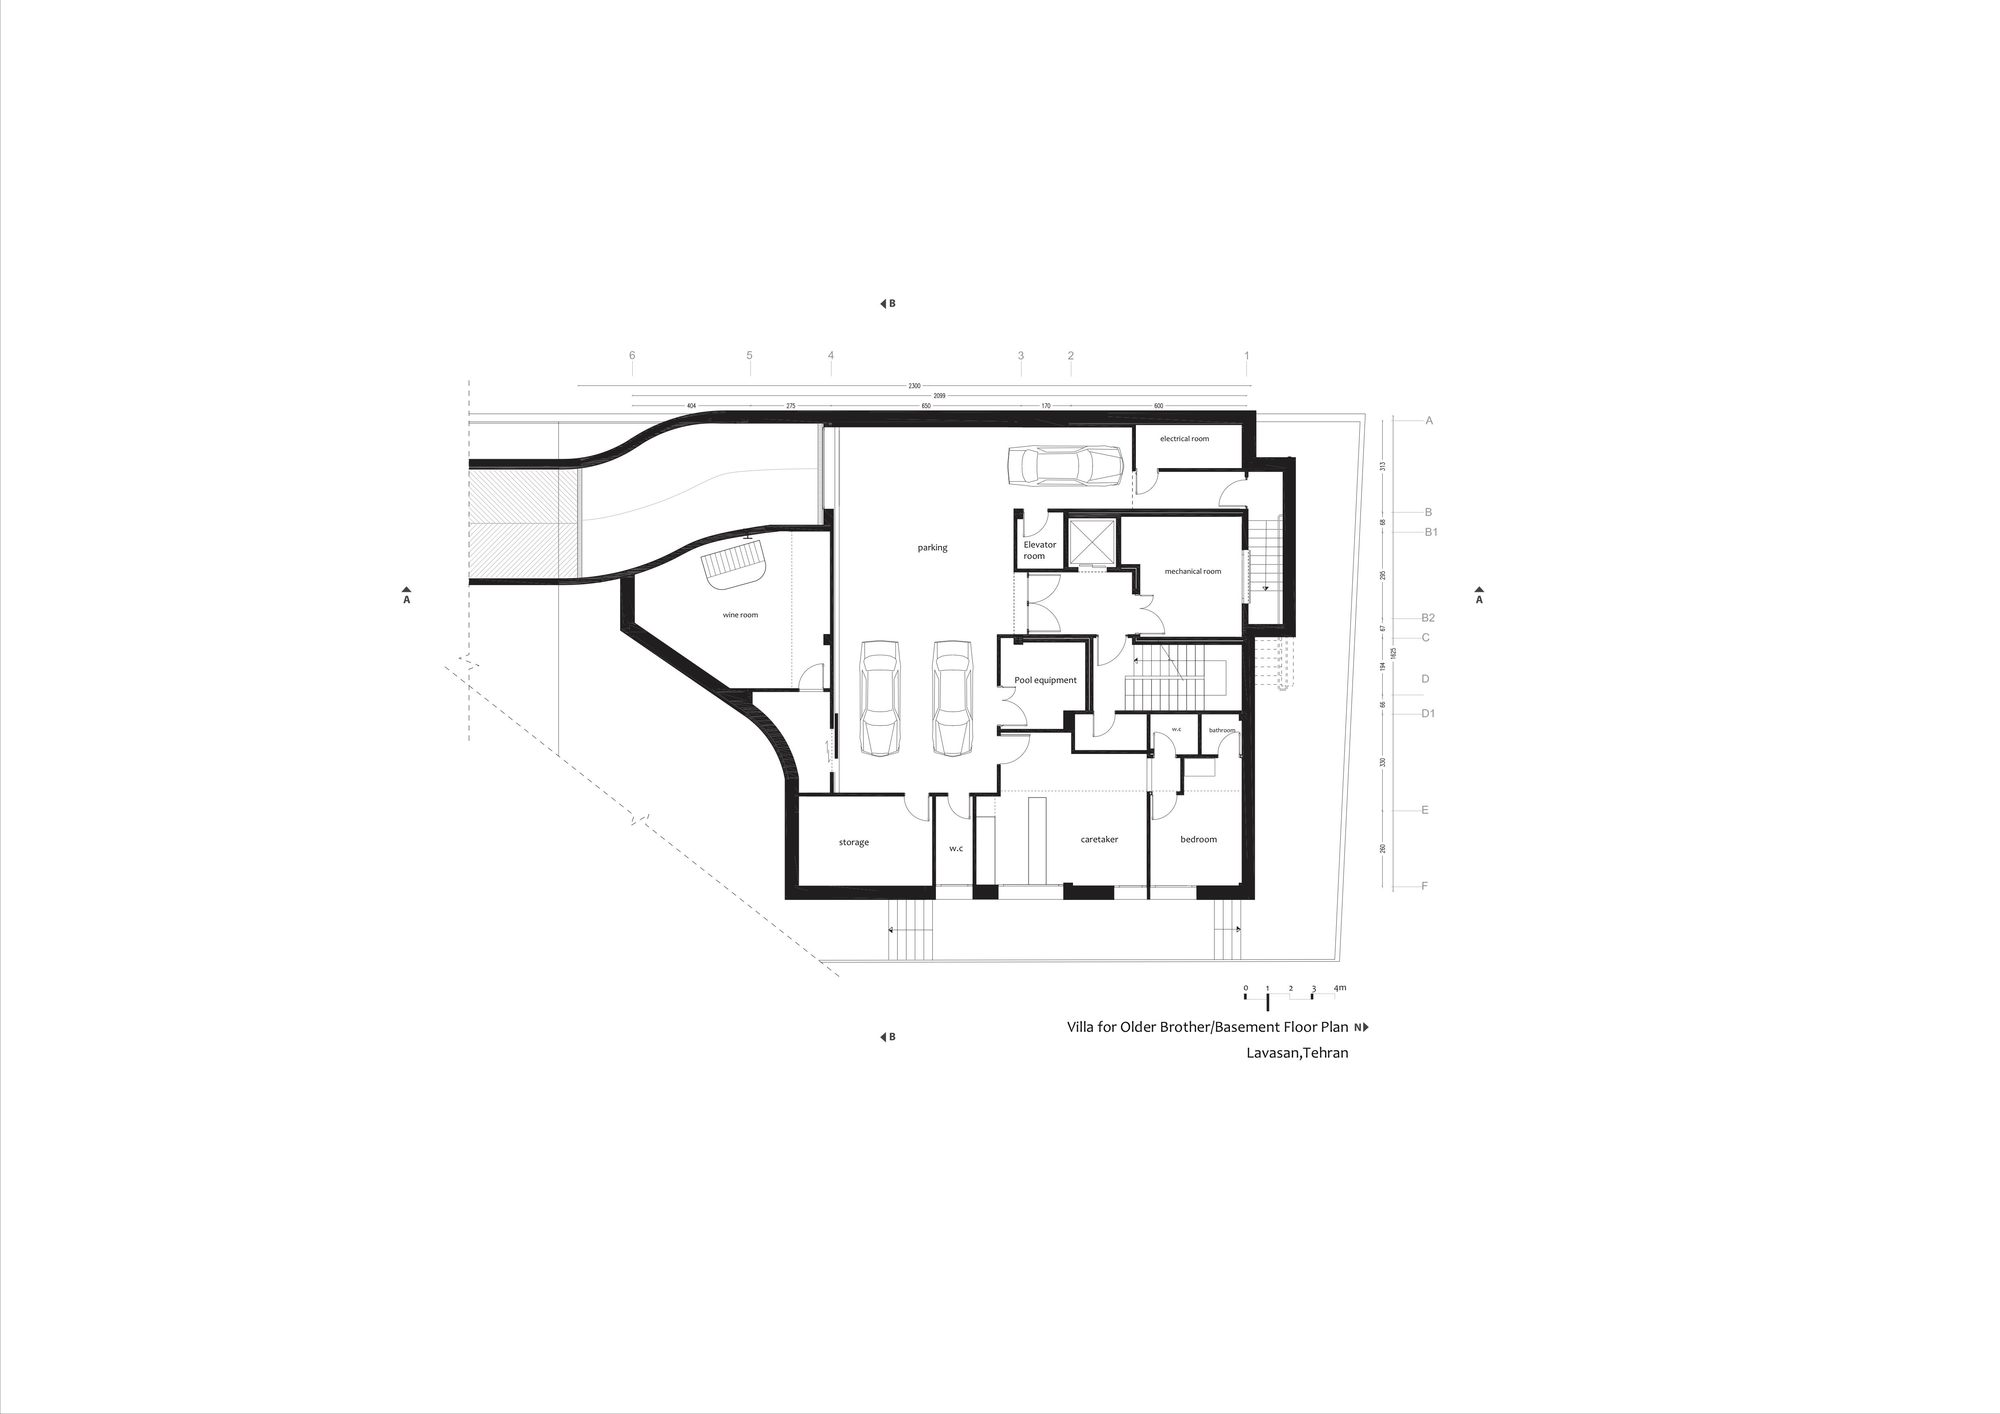 villa electrical plan [ 2000 x 1414 Pixel ]